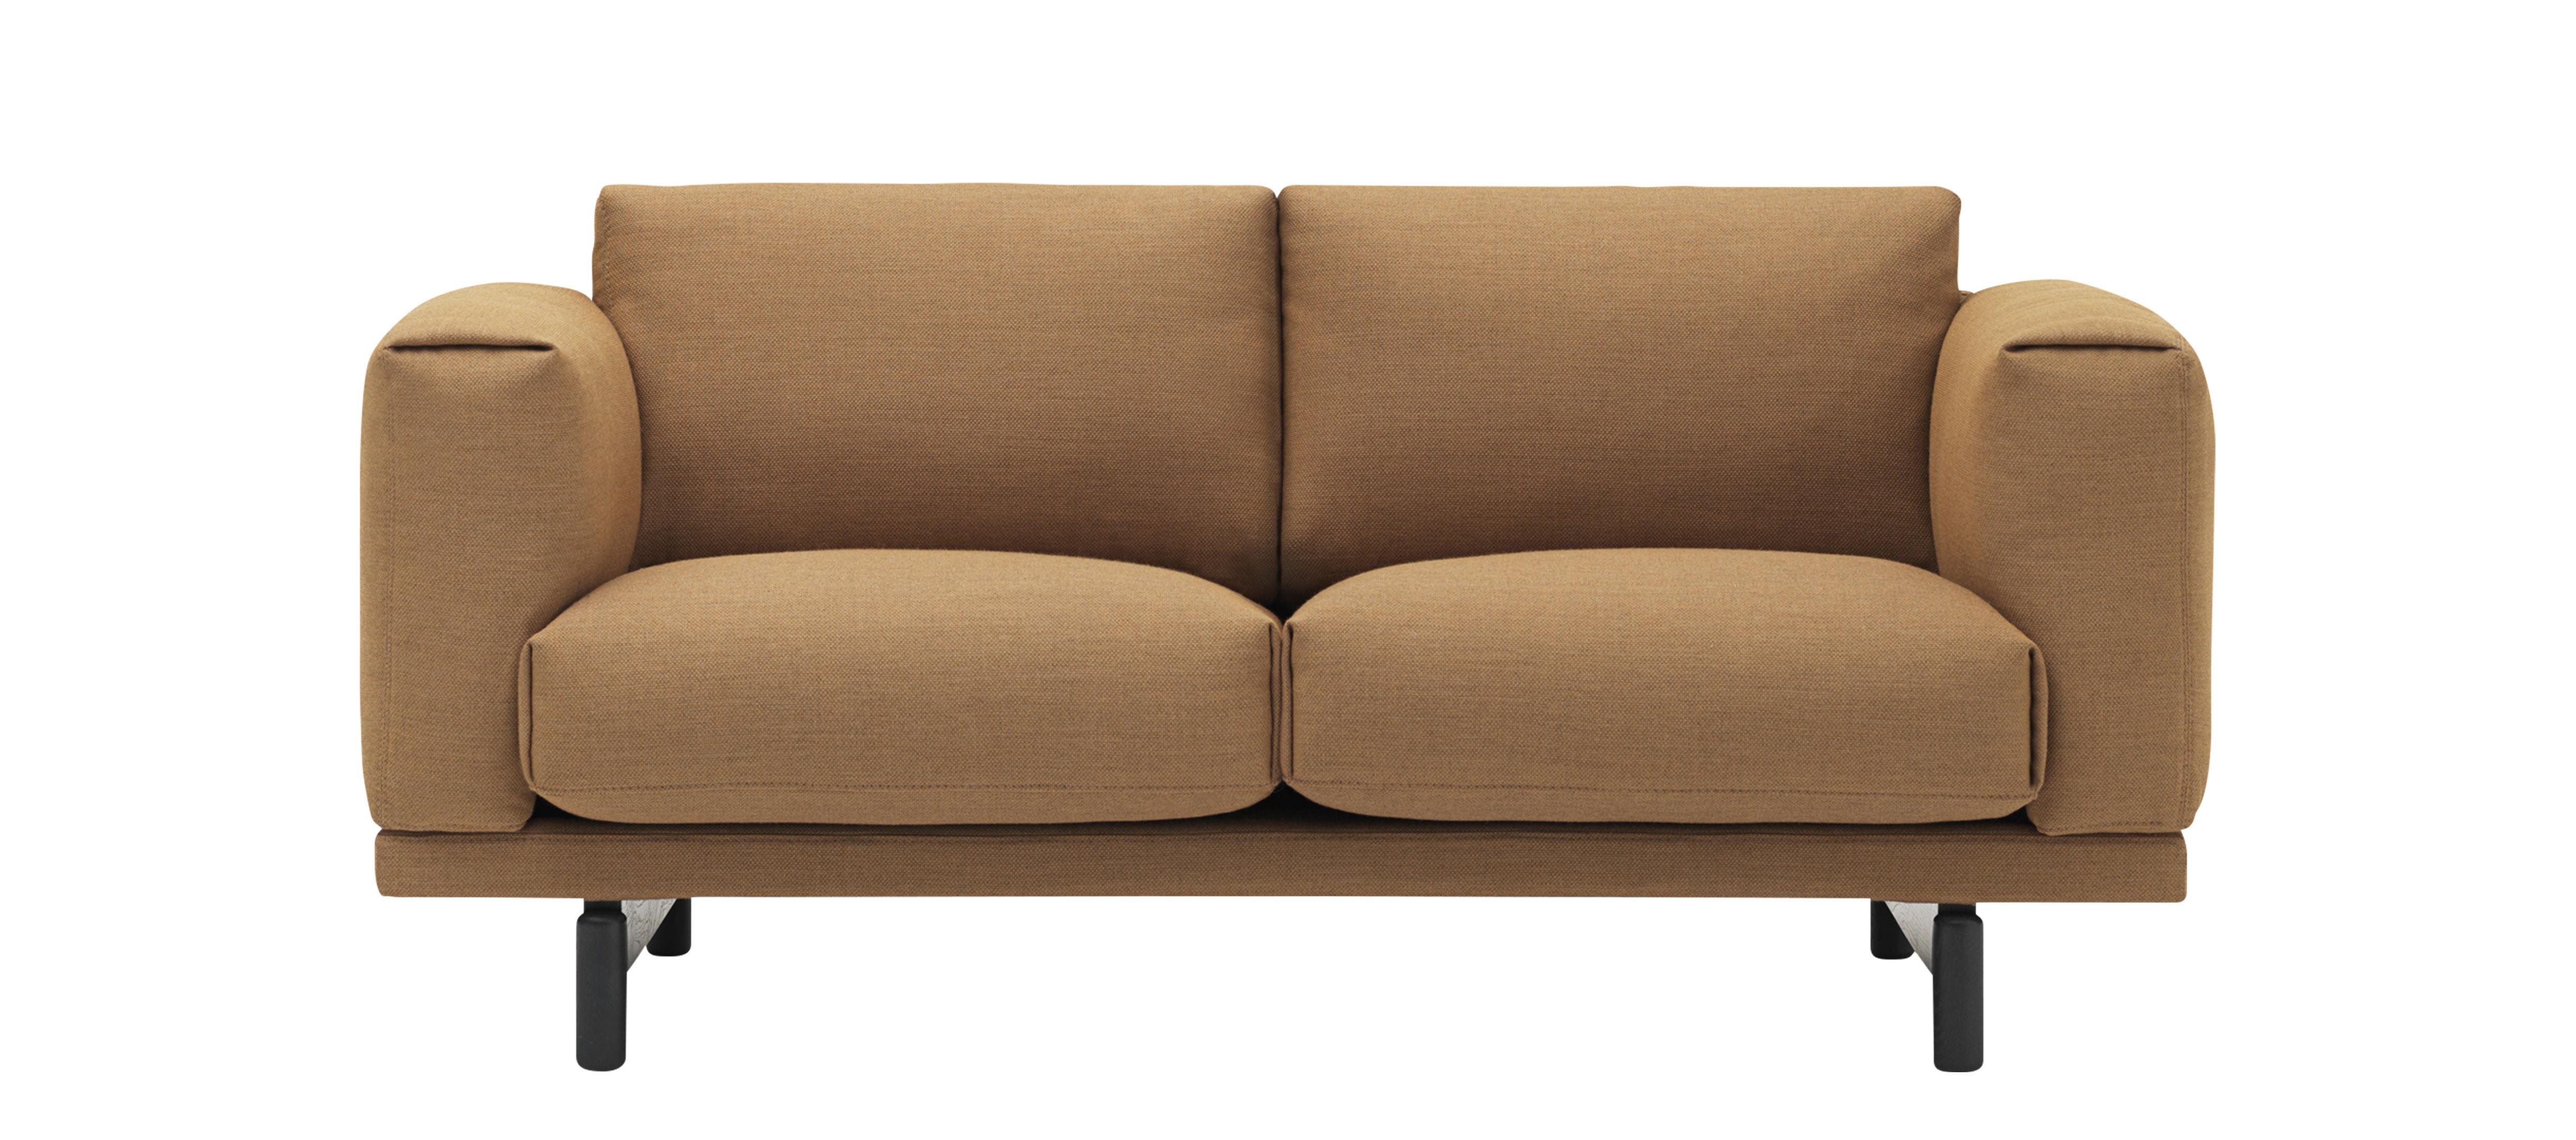 Arredamento - Divani moderni - Divano 2 posti Rest Studio - / L 165 cm di Muuto - Camel / Gambe nere -  Plumes, Espanso, Rovere tinto, Tessuto Kvadrat